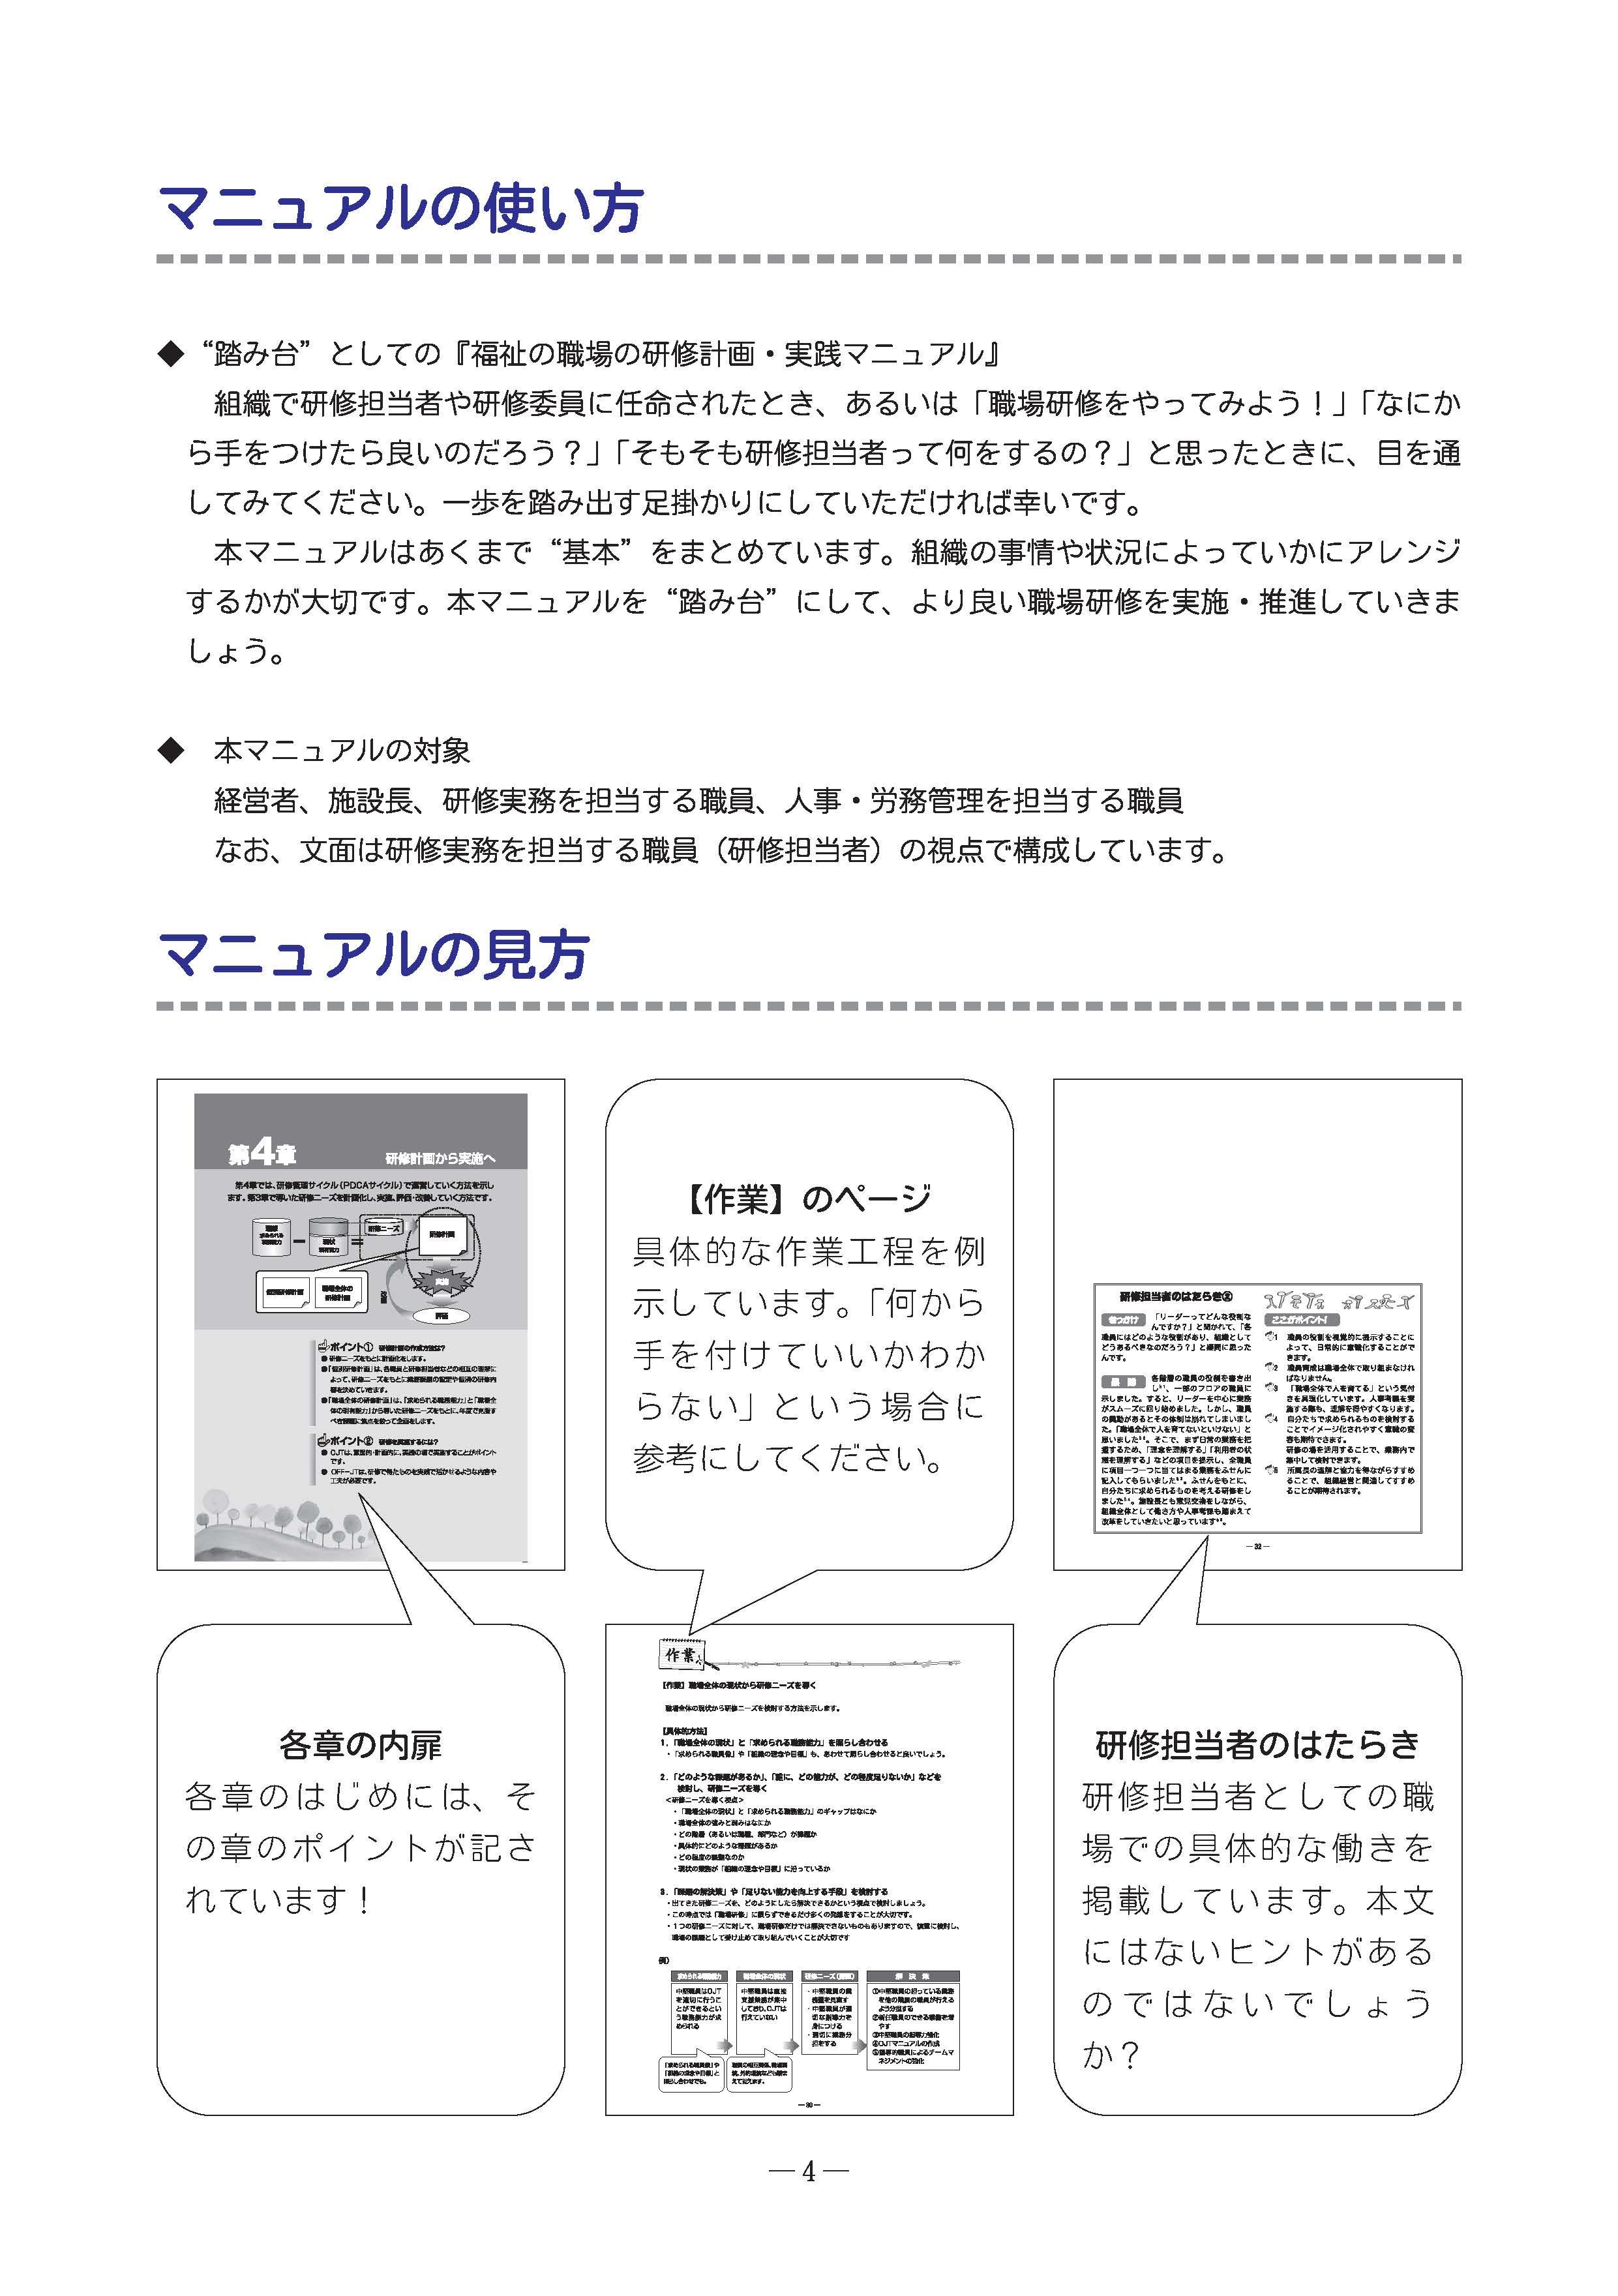 福祉の職場の研修計画・実践マニュアル(ページイメージ2)